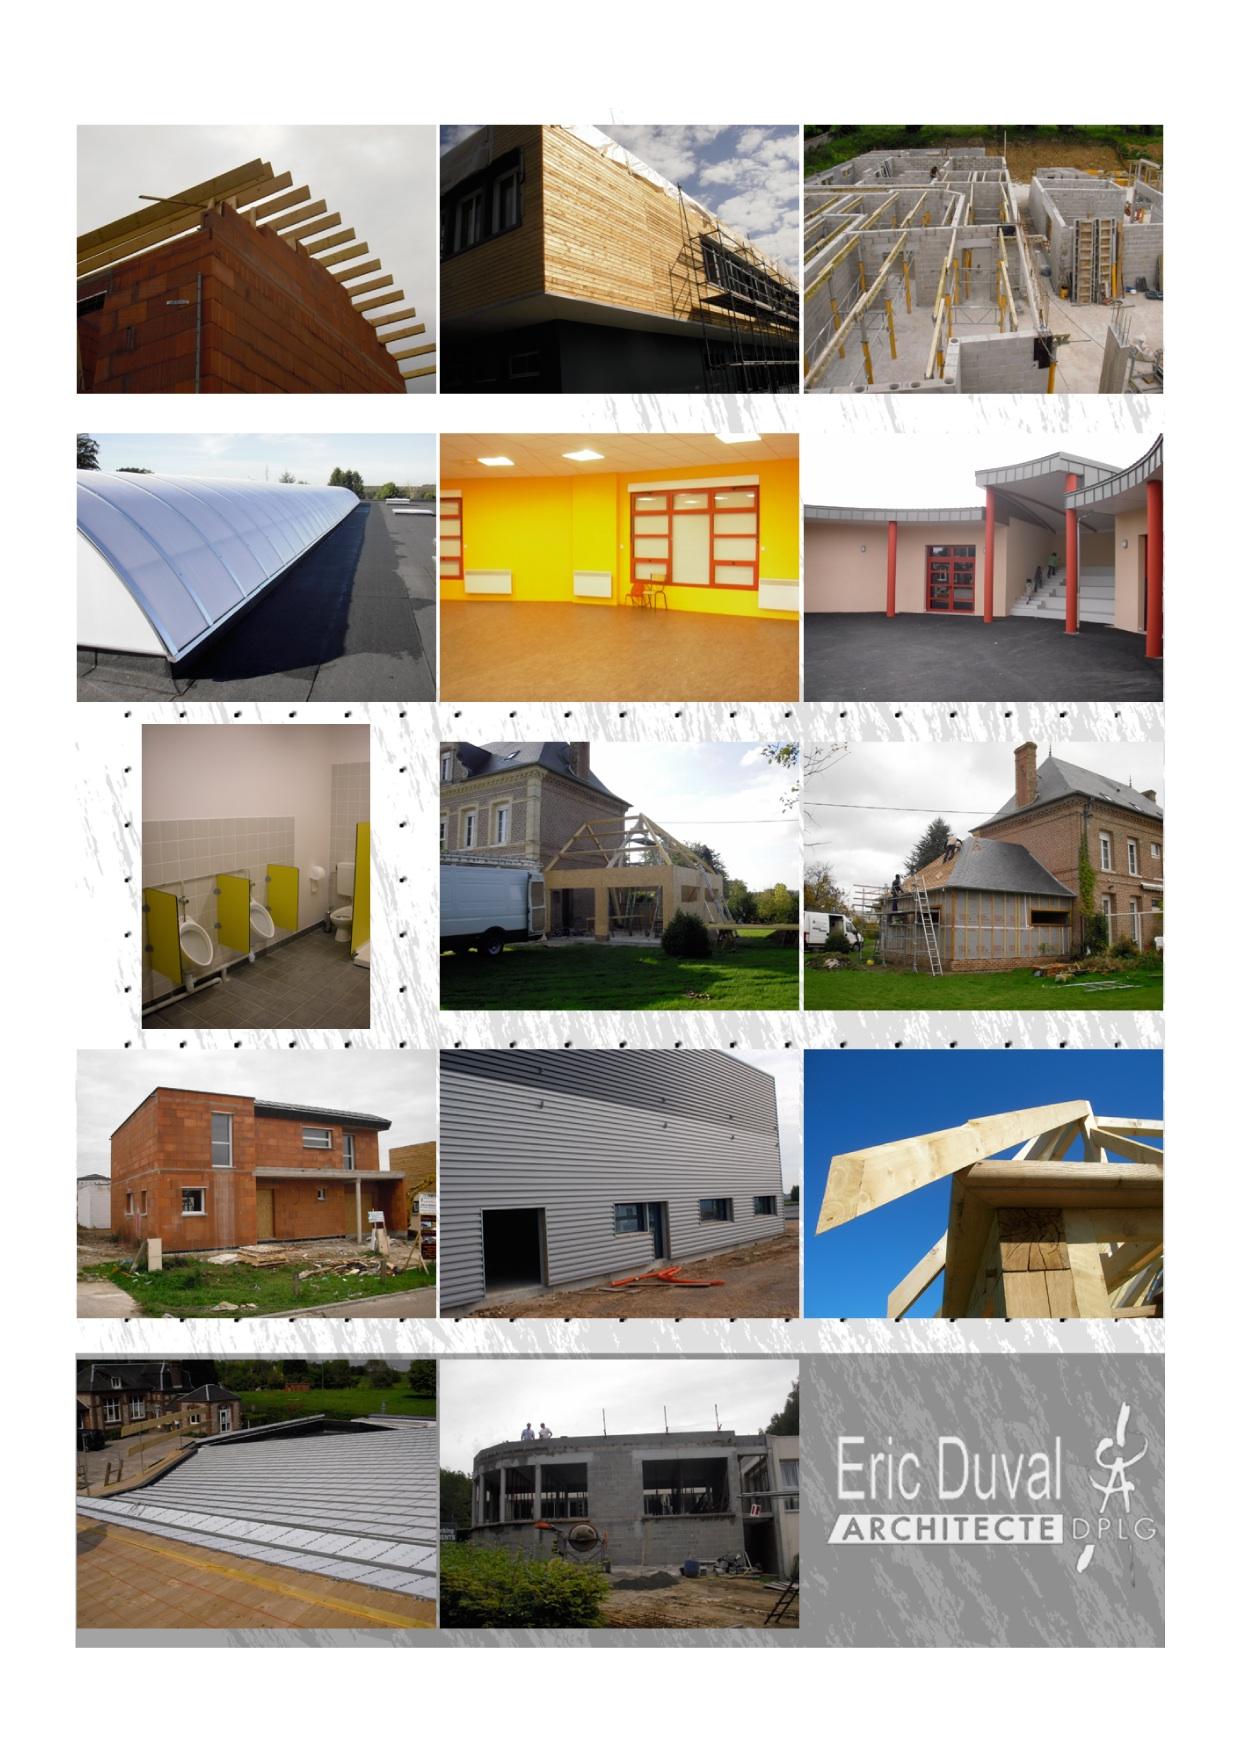 Gestion de chantier eric duval architecte dplg for Cuisine ouverte reglementation